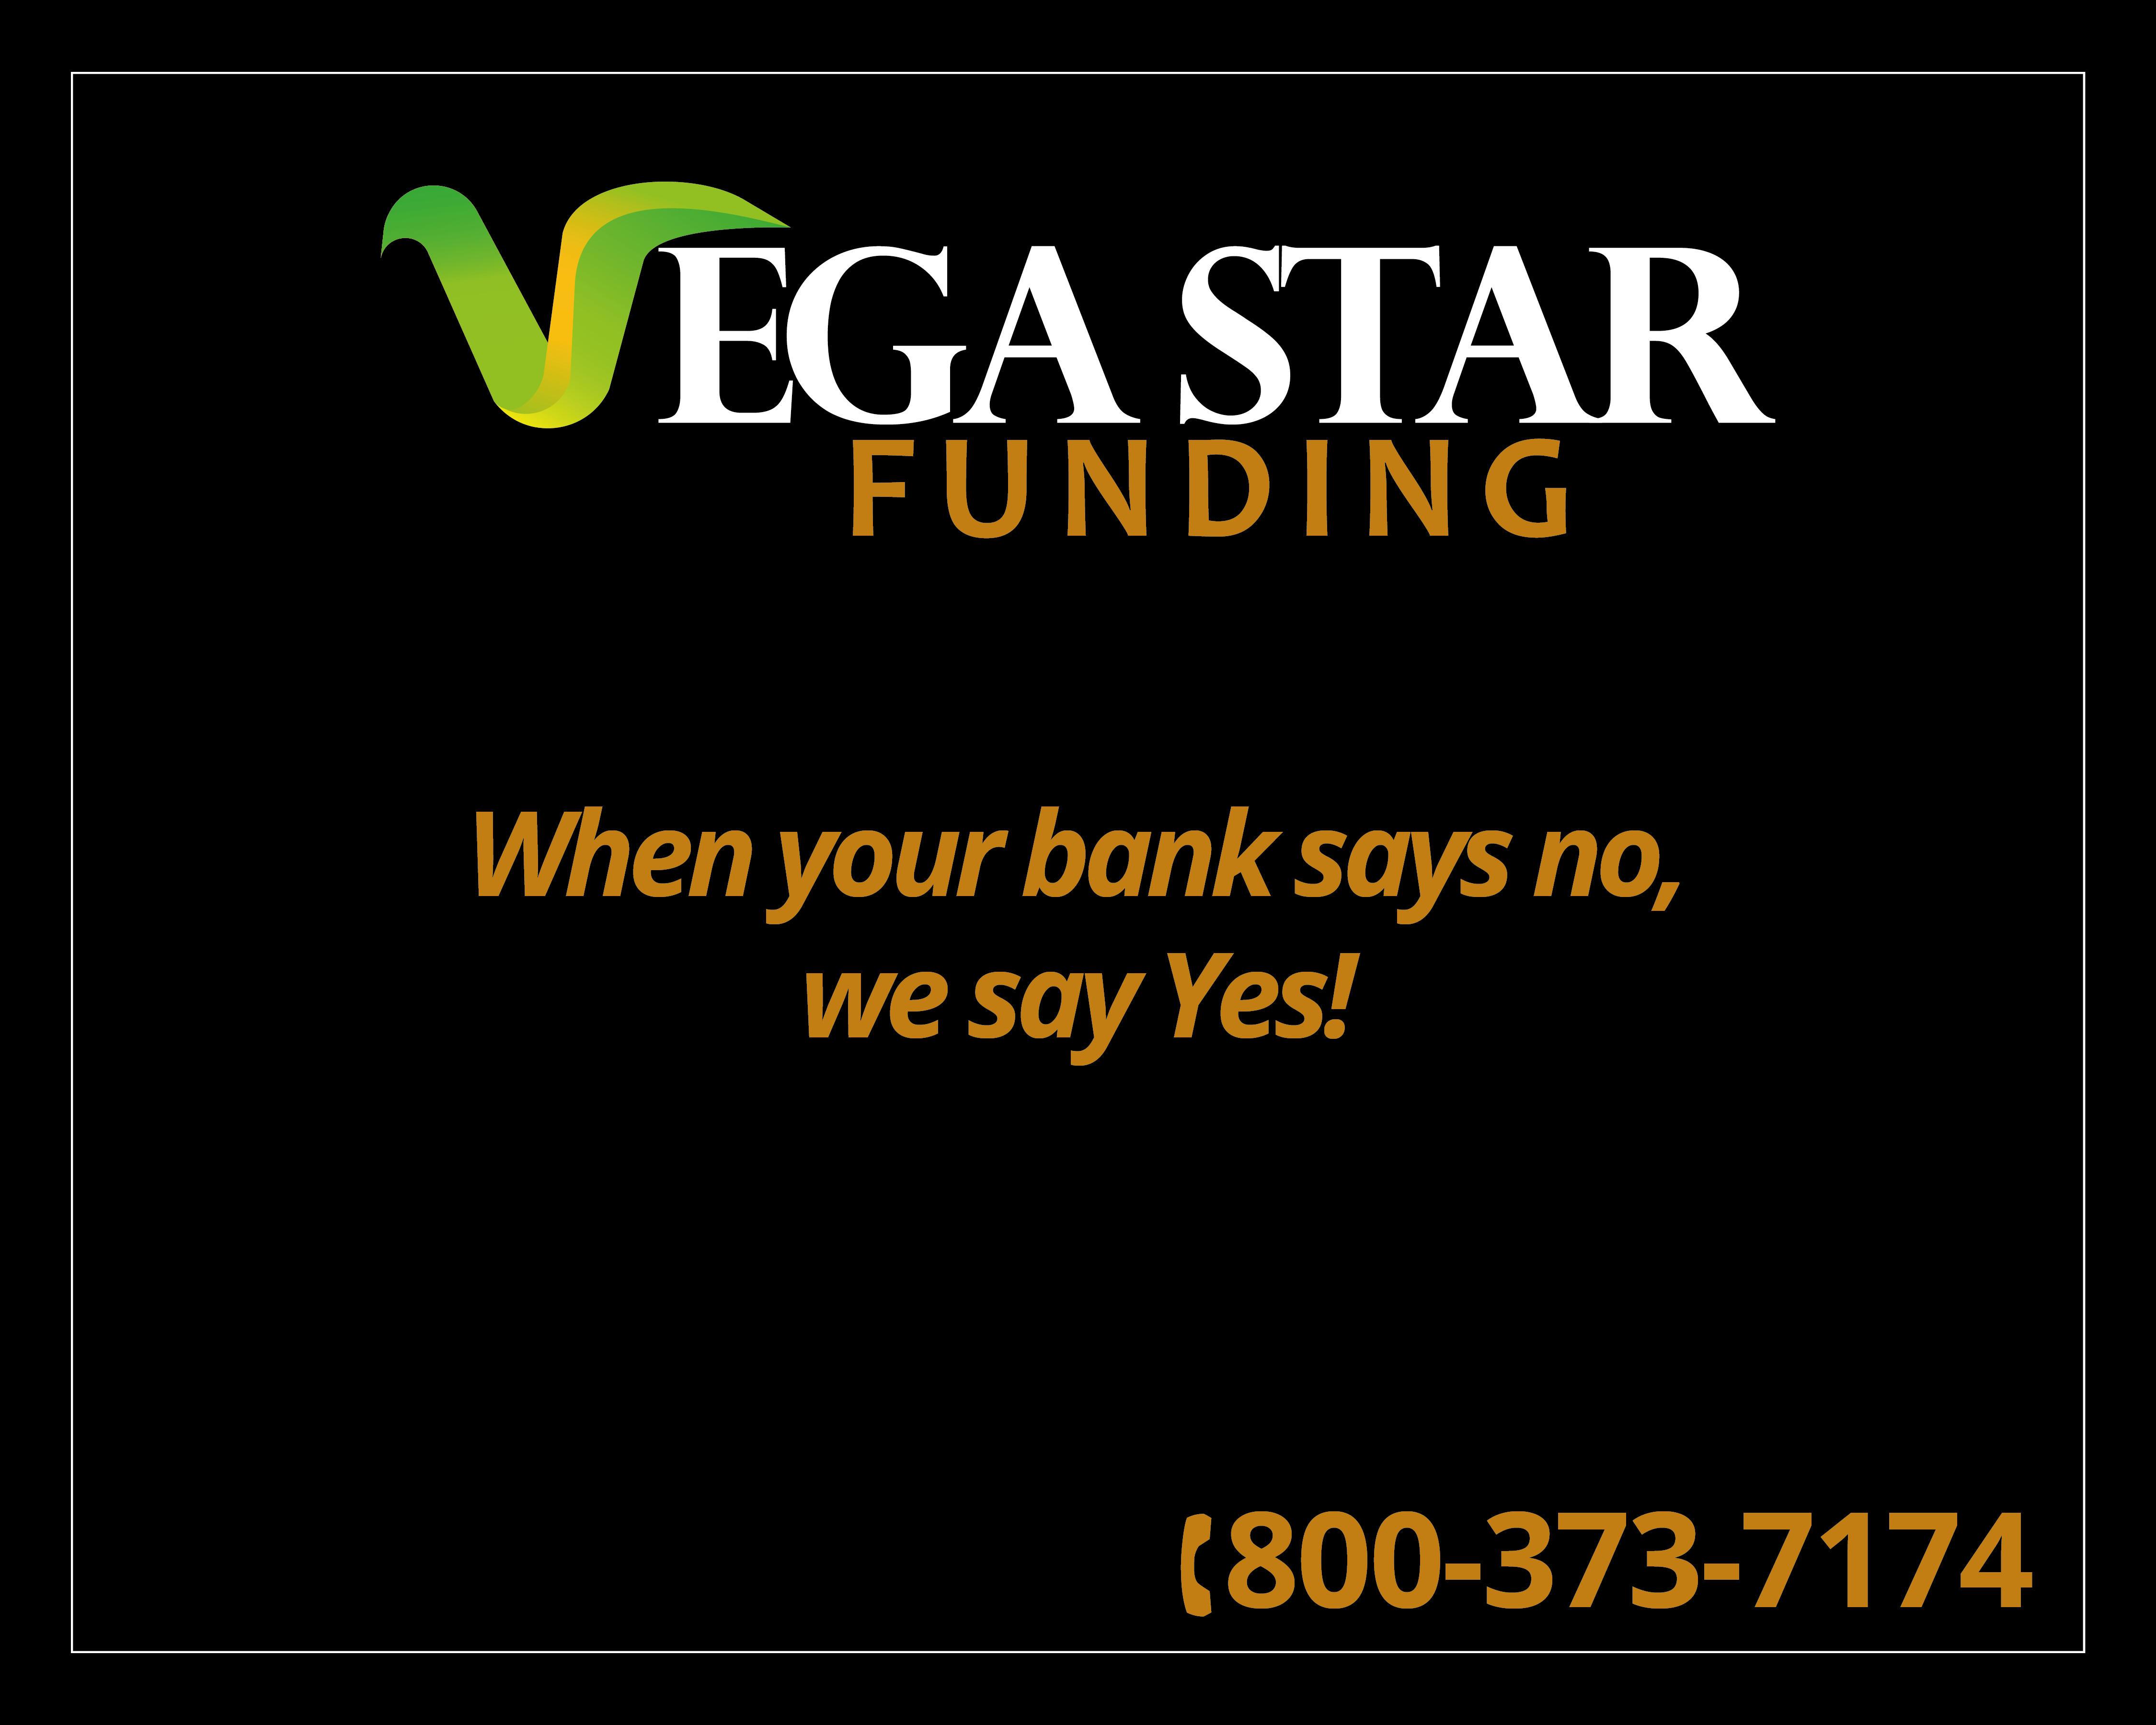 VEGASTAR Funding image 3